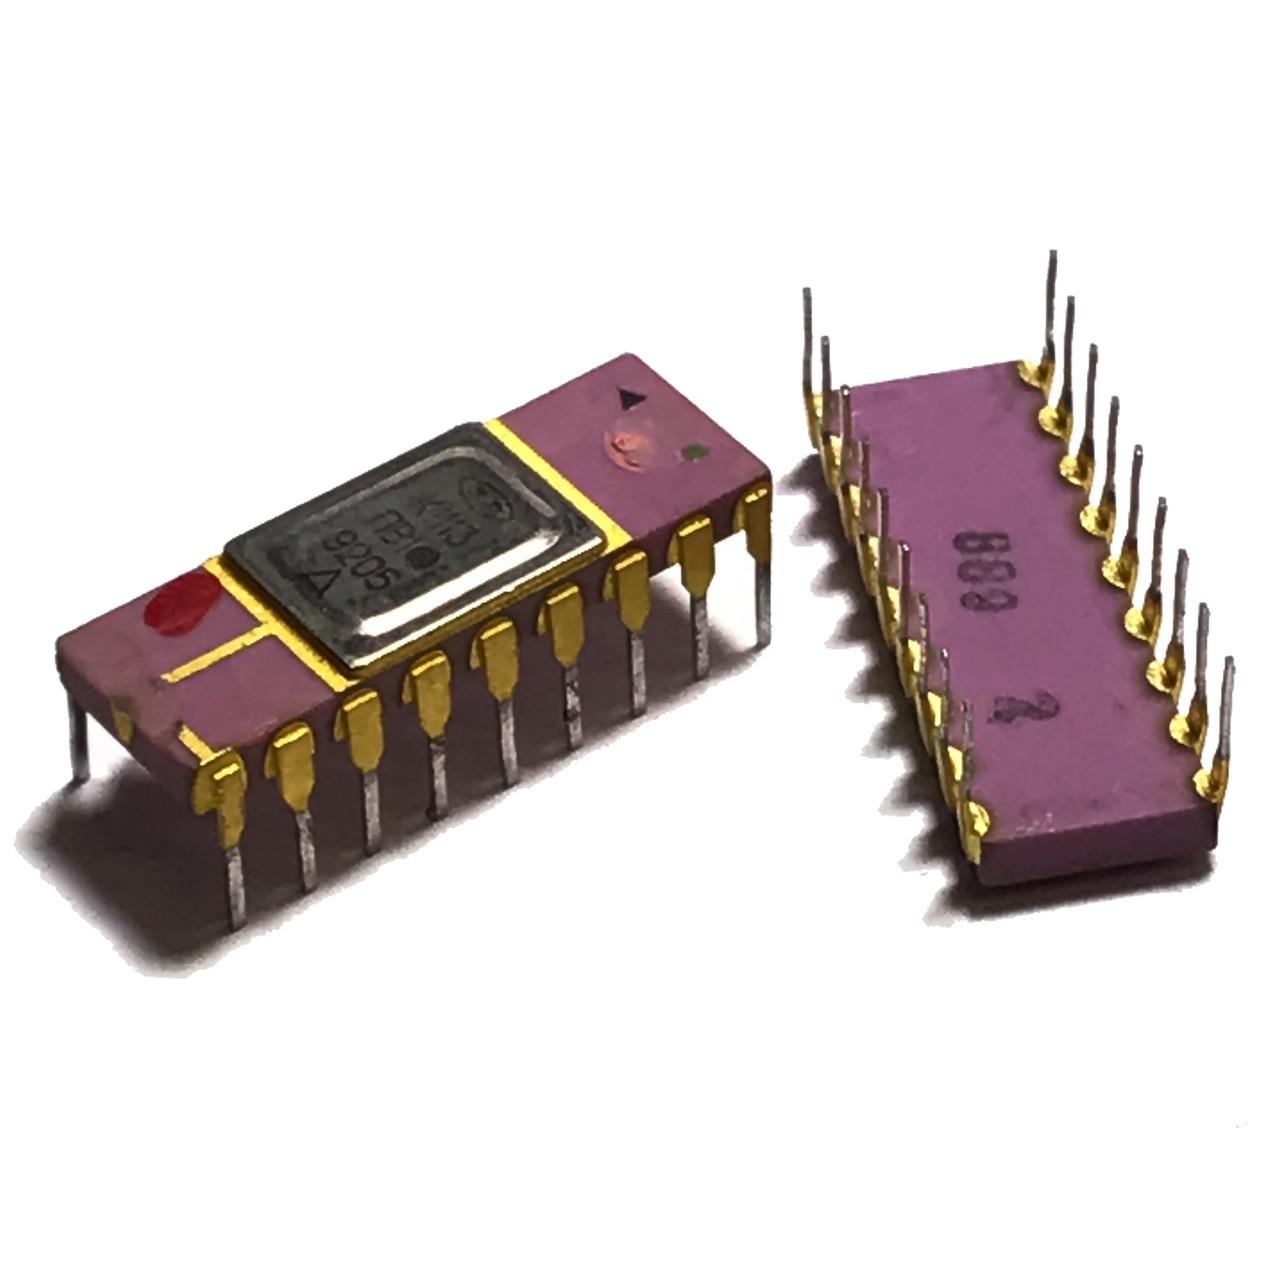 К1113ПВ1Б (Au) 10-разрядный аналого-цифровой преобразователь, сопрягаемый с микропроцессором